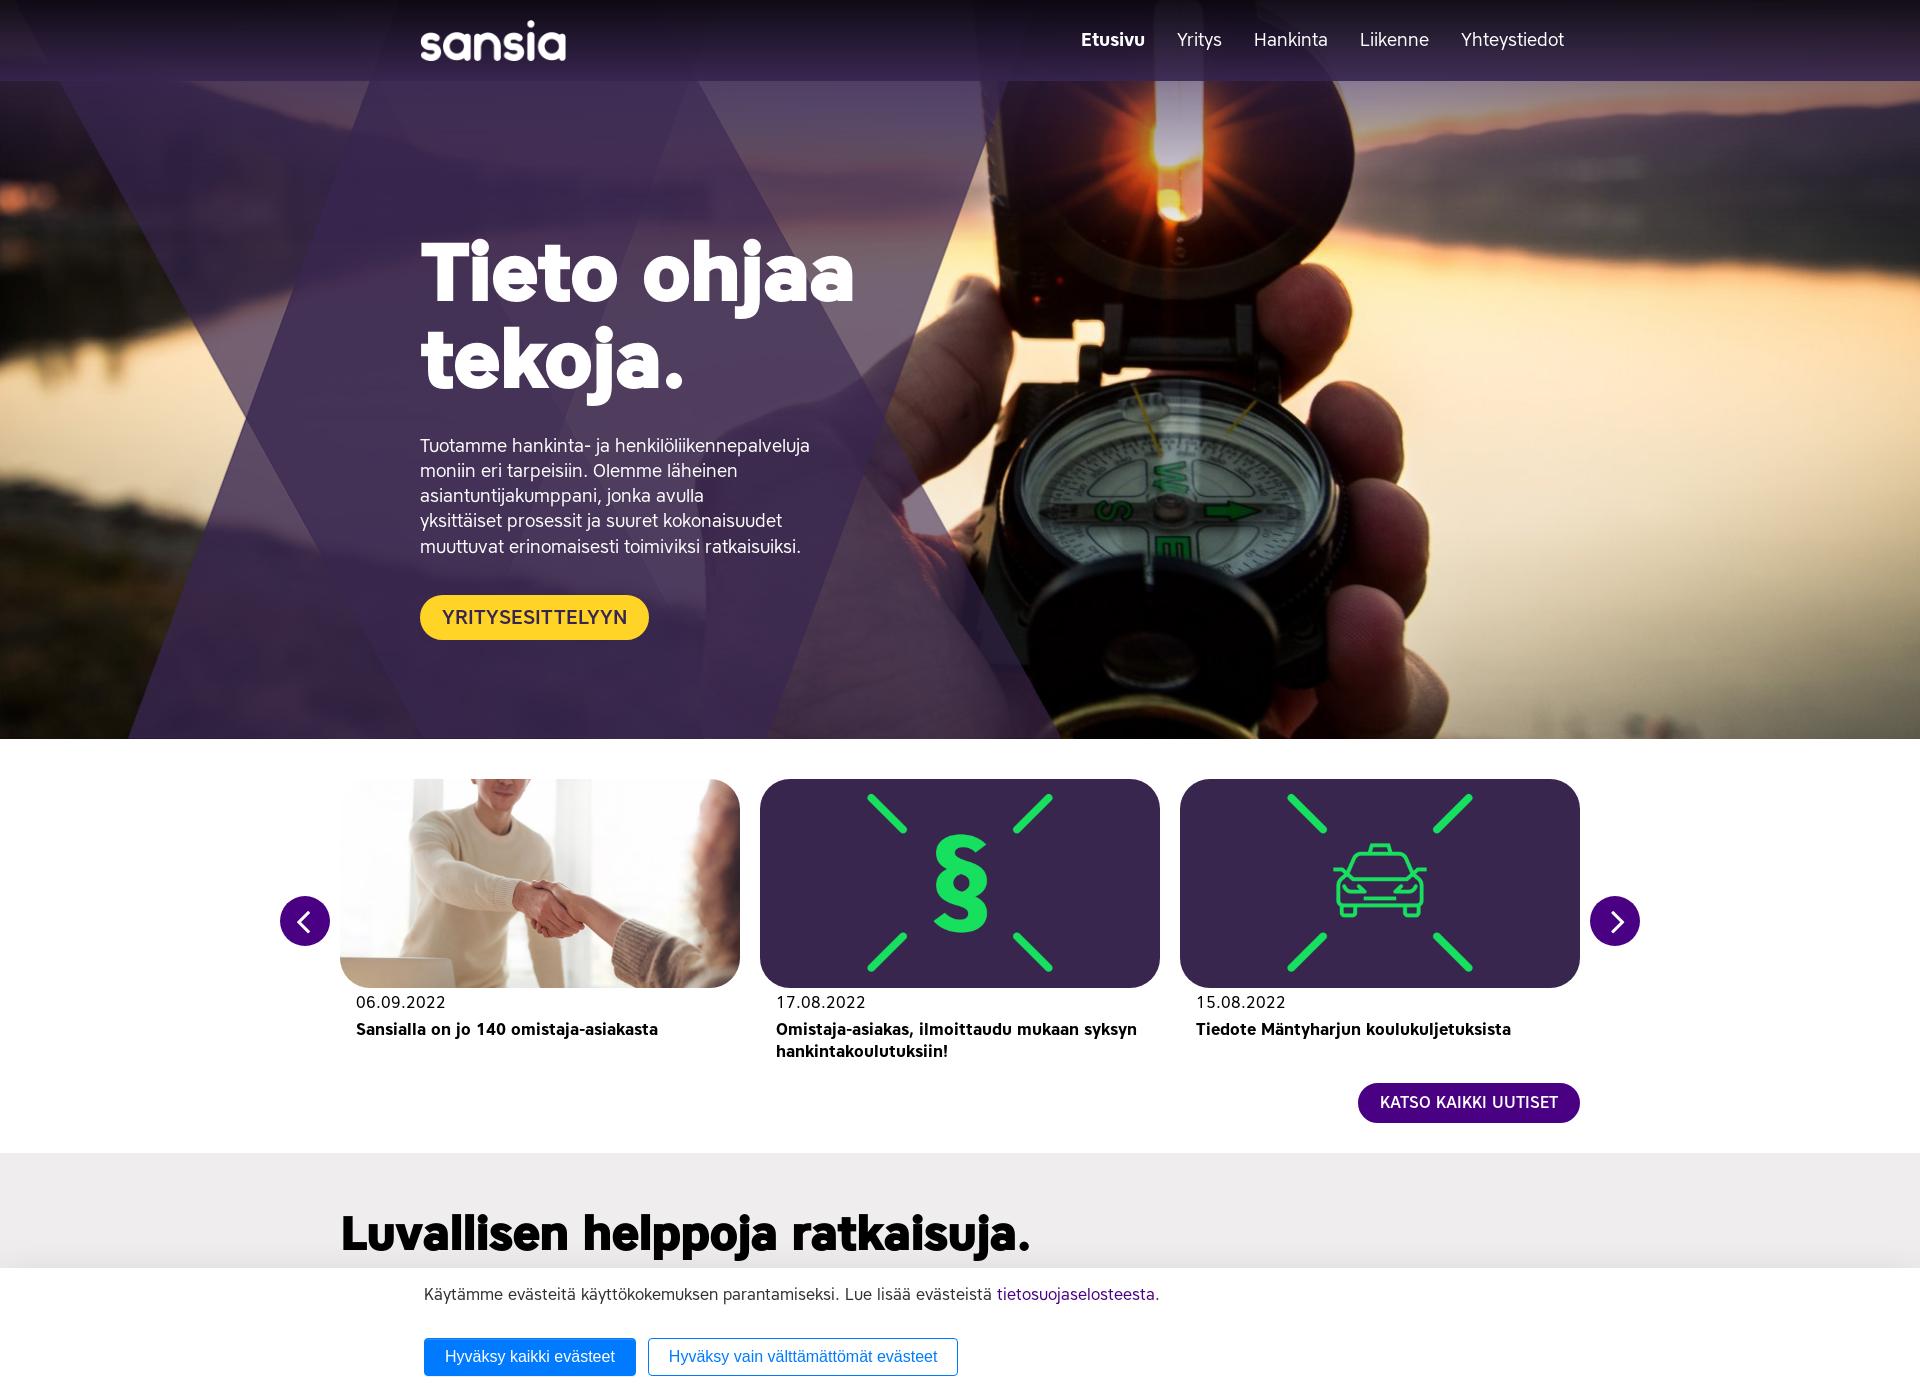 Screenshot for sansia.fi